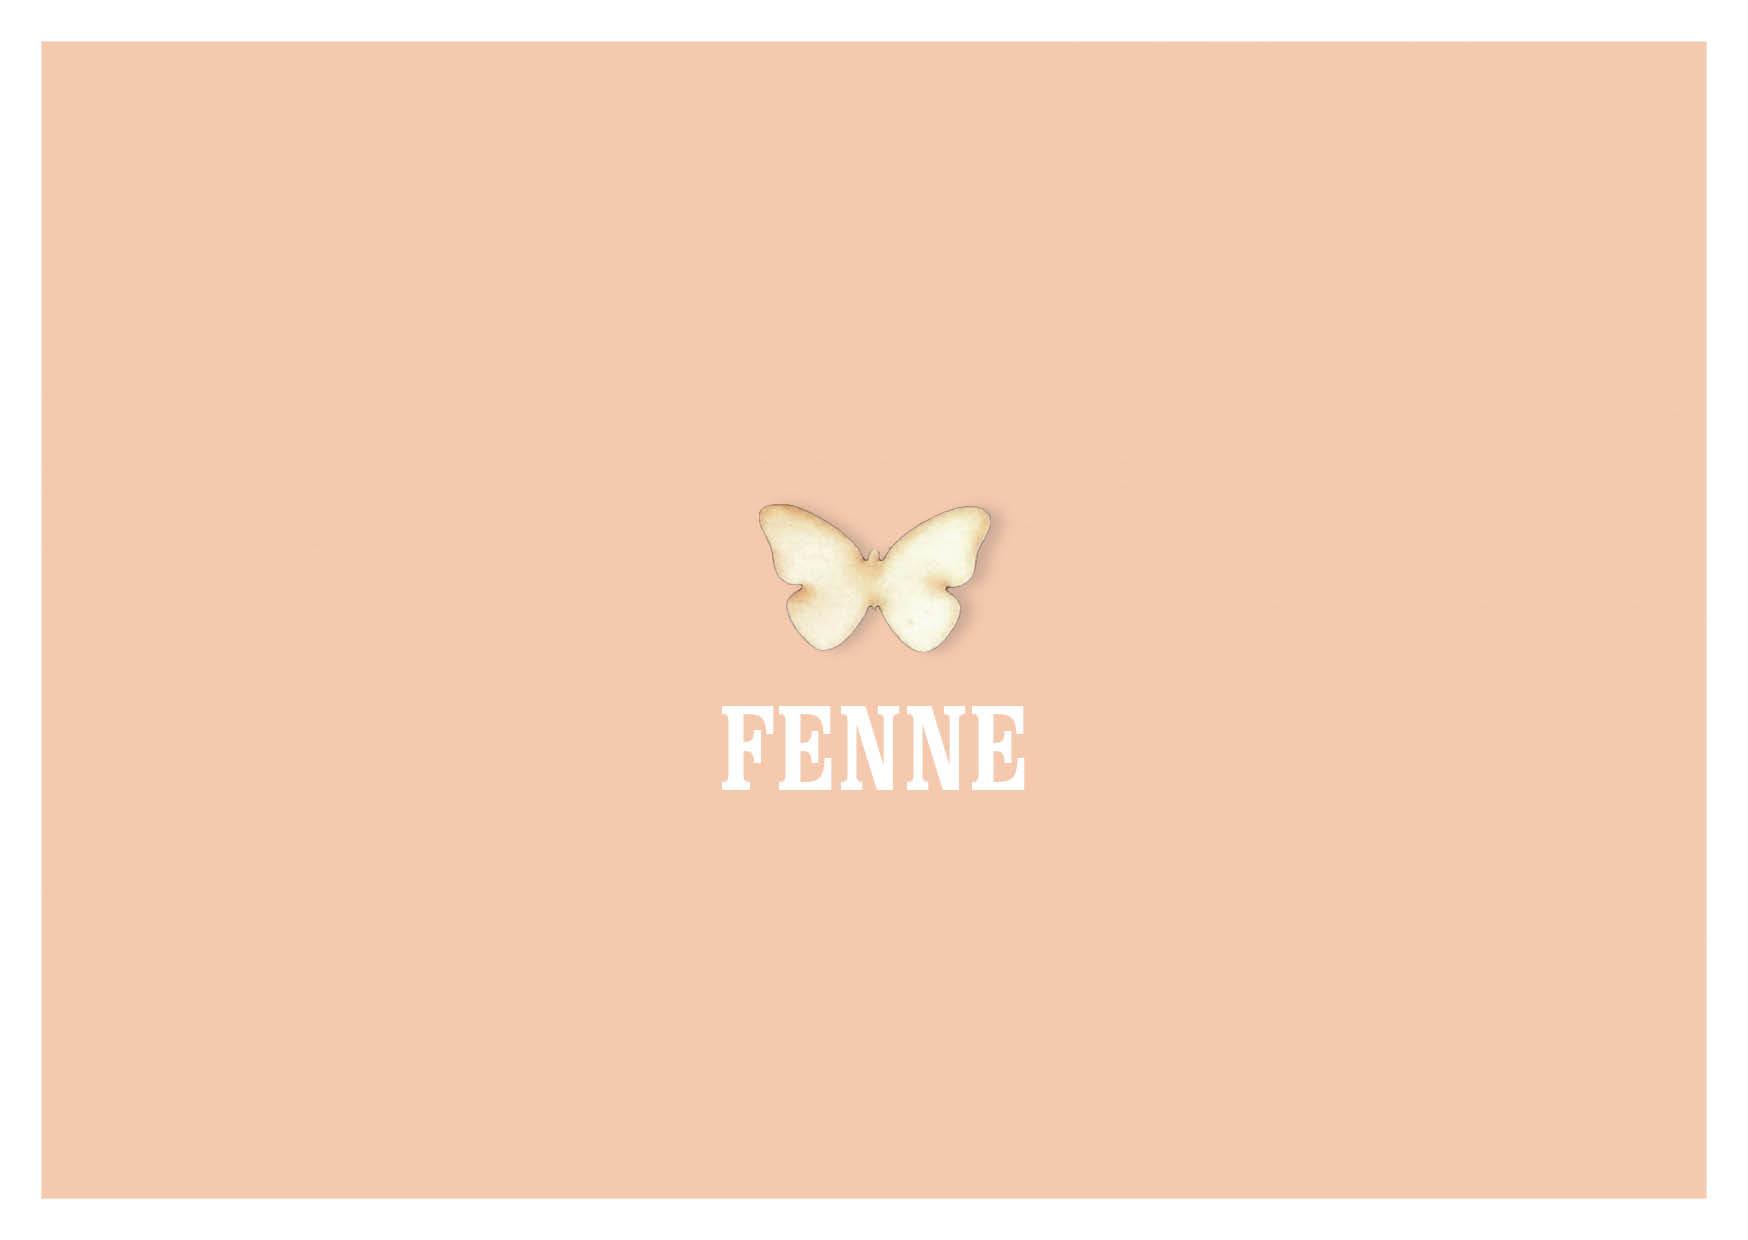 Geboortekaart meisje roze vlinder strak modern stoer uniek